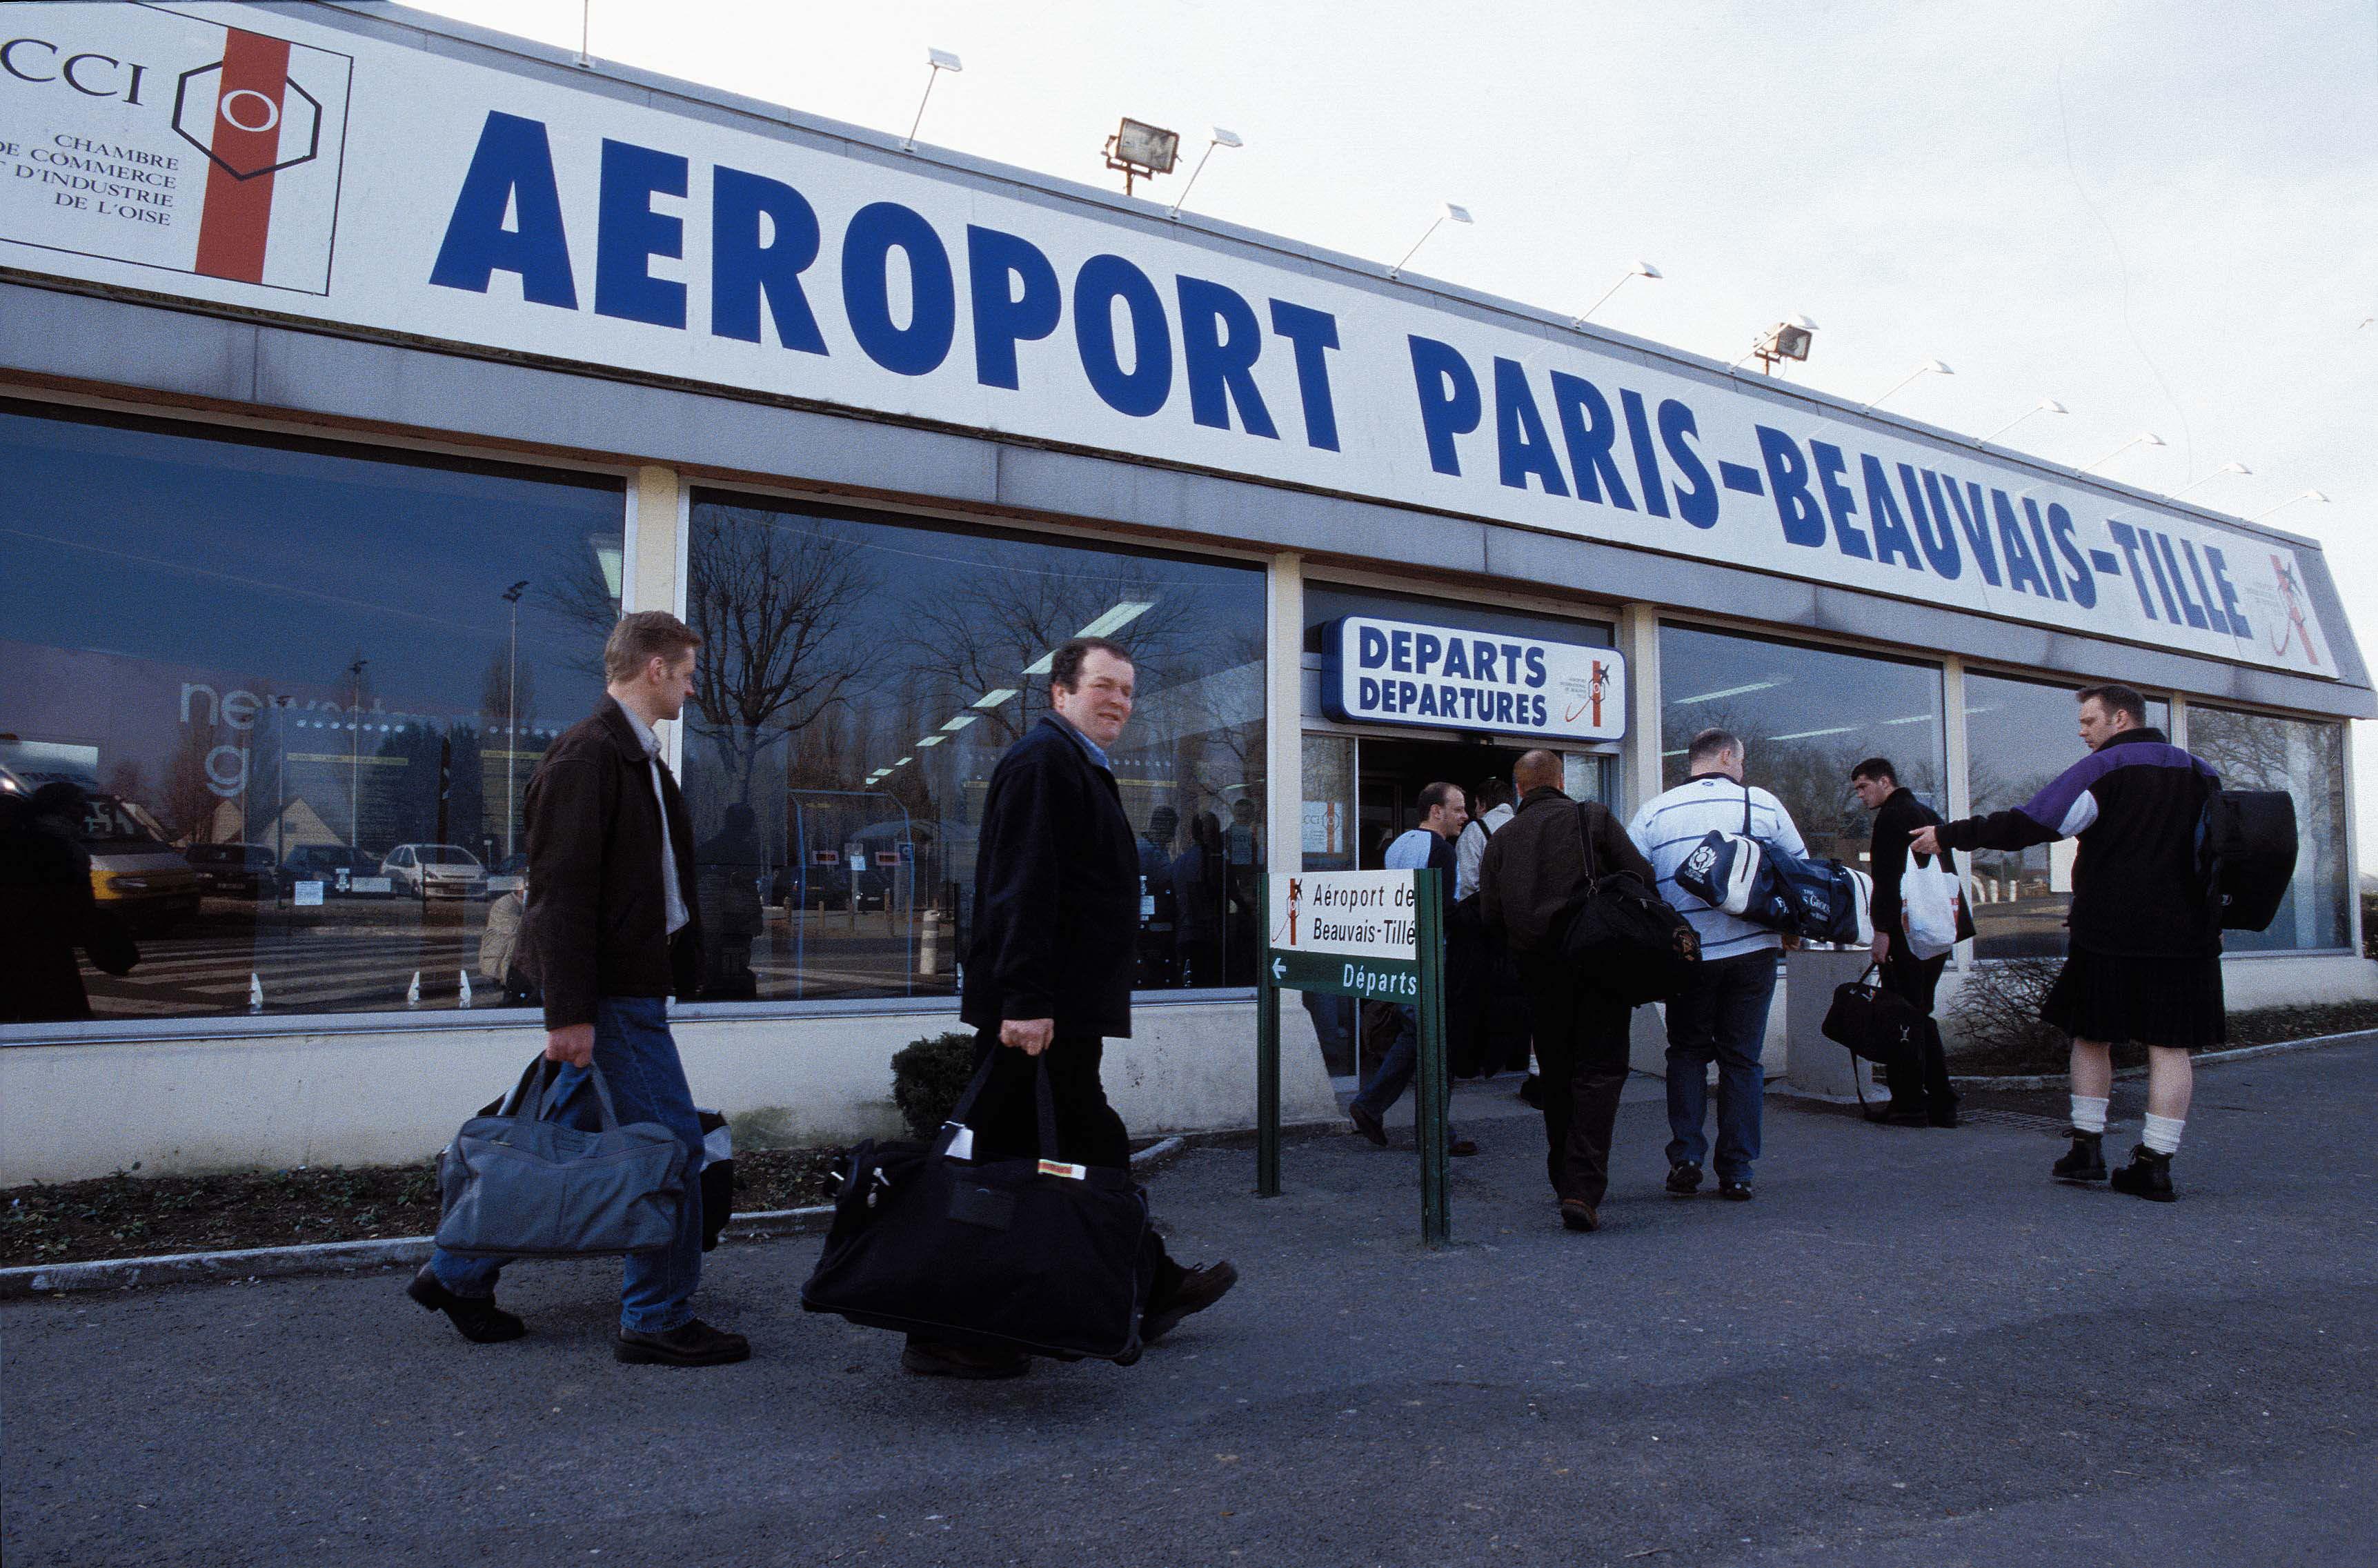 مسافر من الناظور يتسبب في إخلاء أحد أكبر مطارات فرنسا لهذا السبب؟